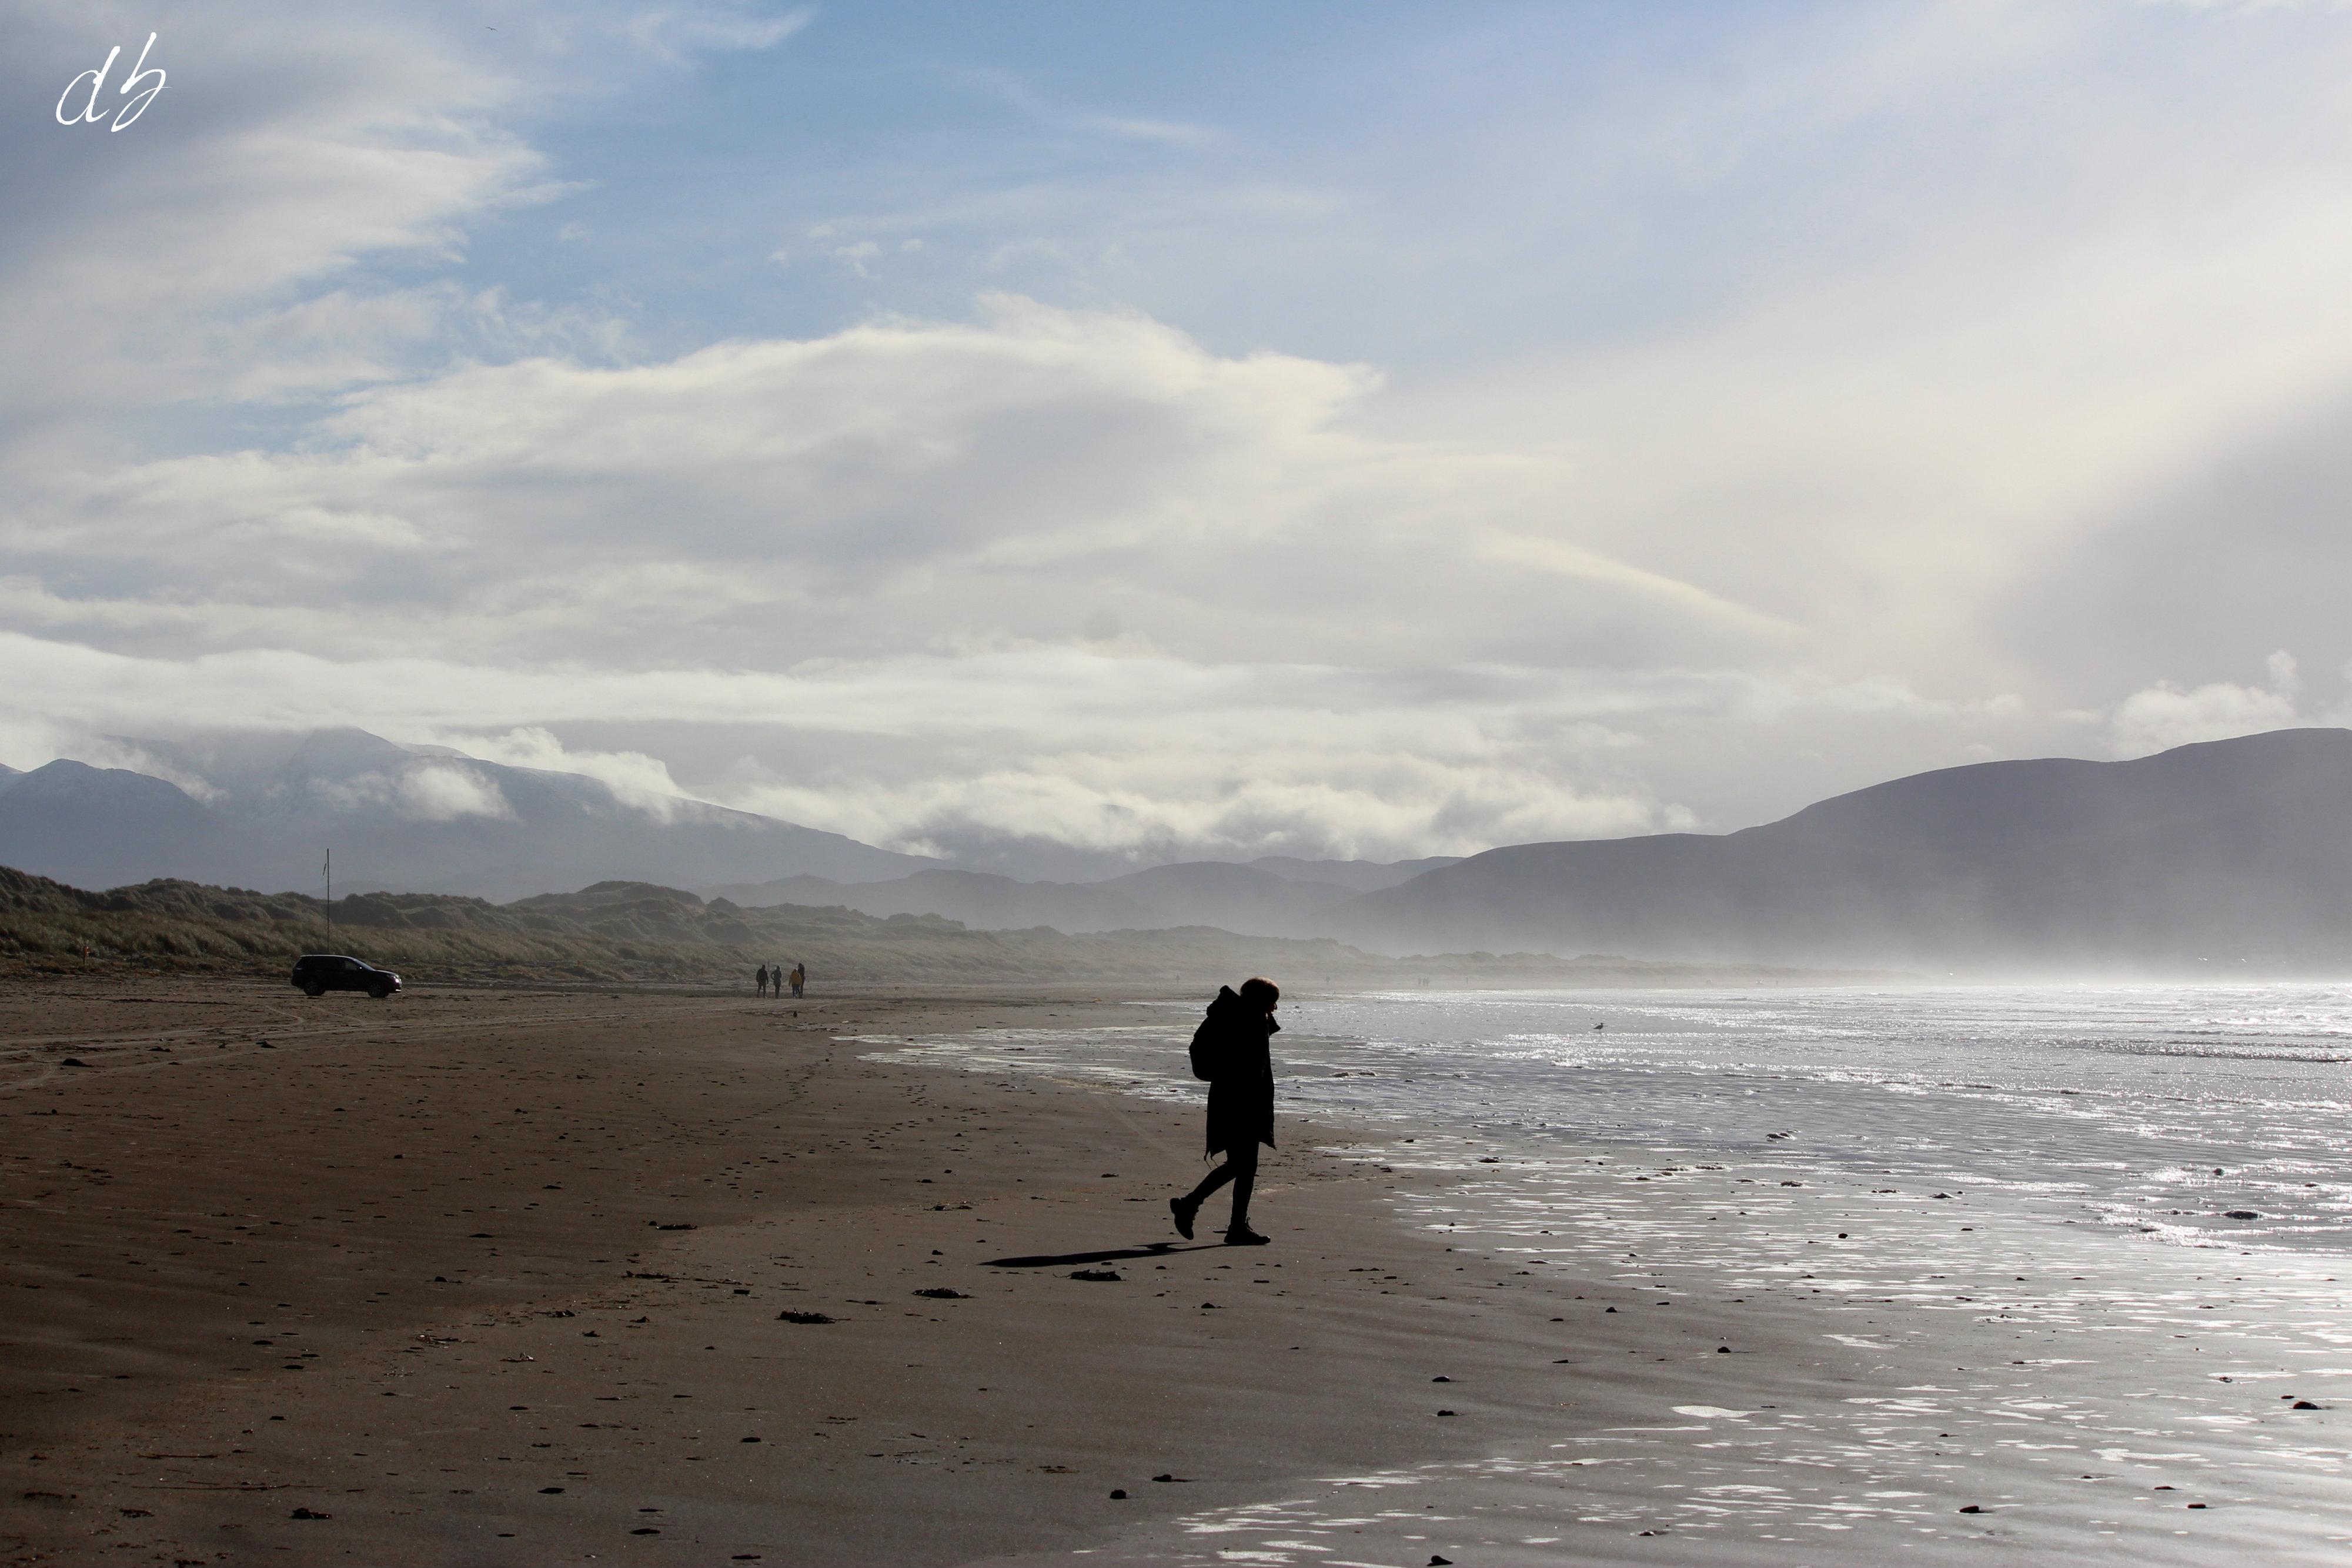 Inch Beach - Crédit photo : Deborah Bride